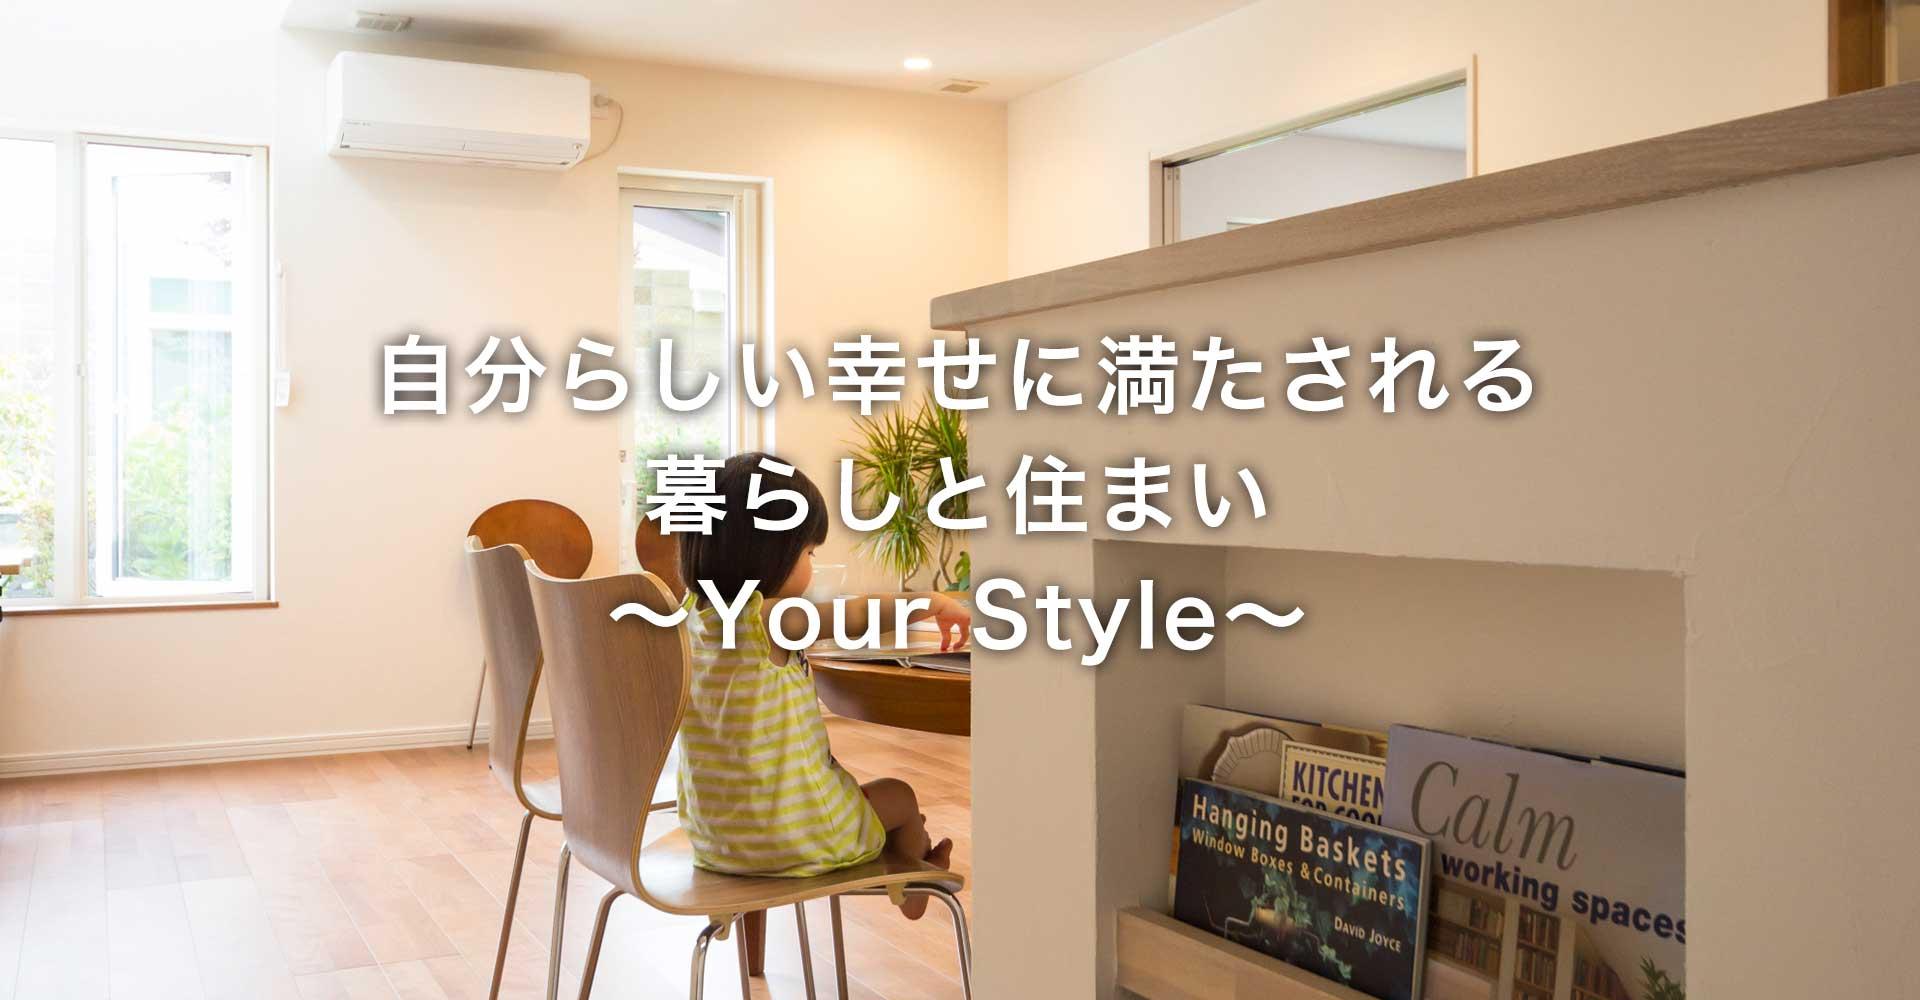 自分らしい幸せに満たされる 暮らしと住まい ~Your Style~